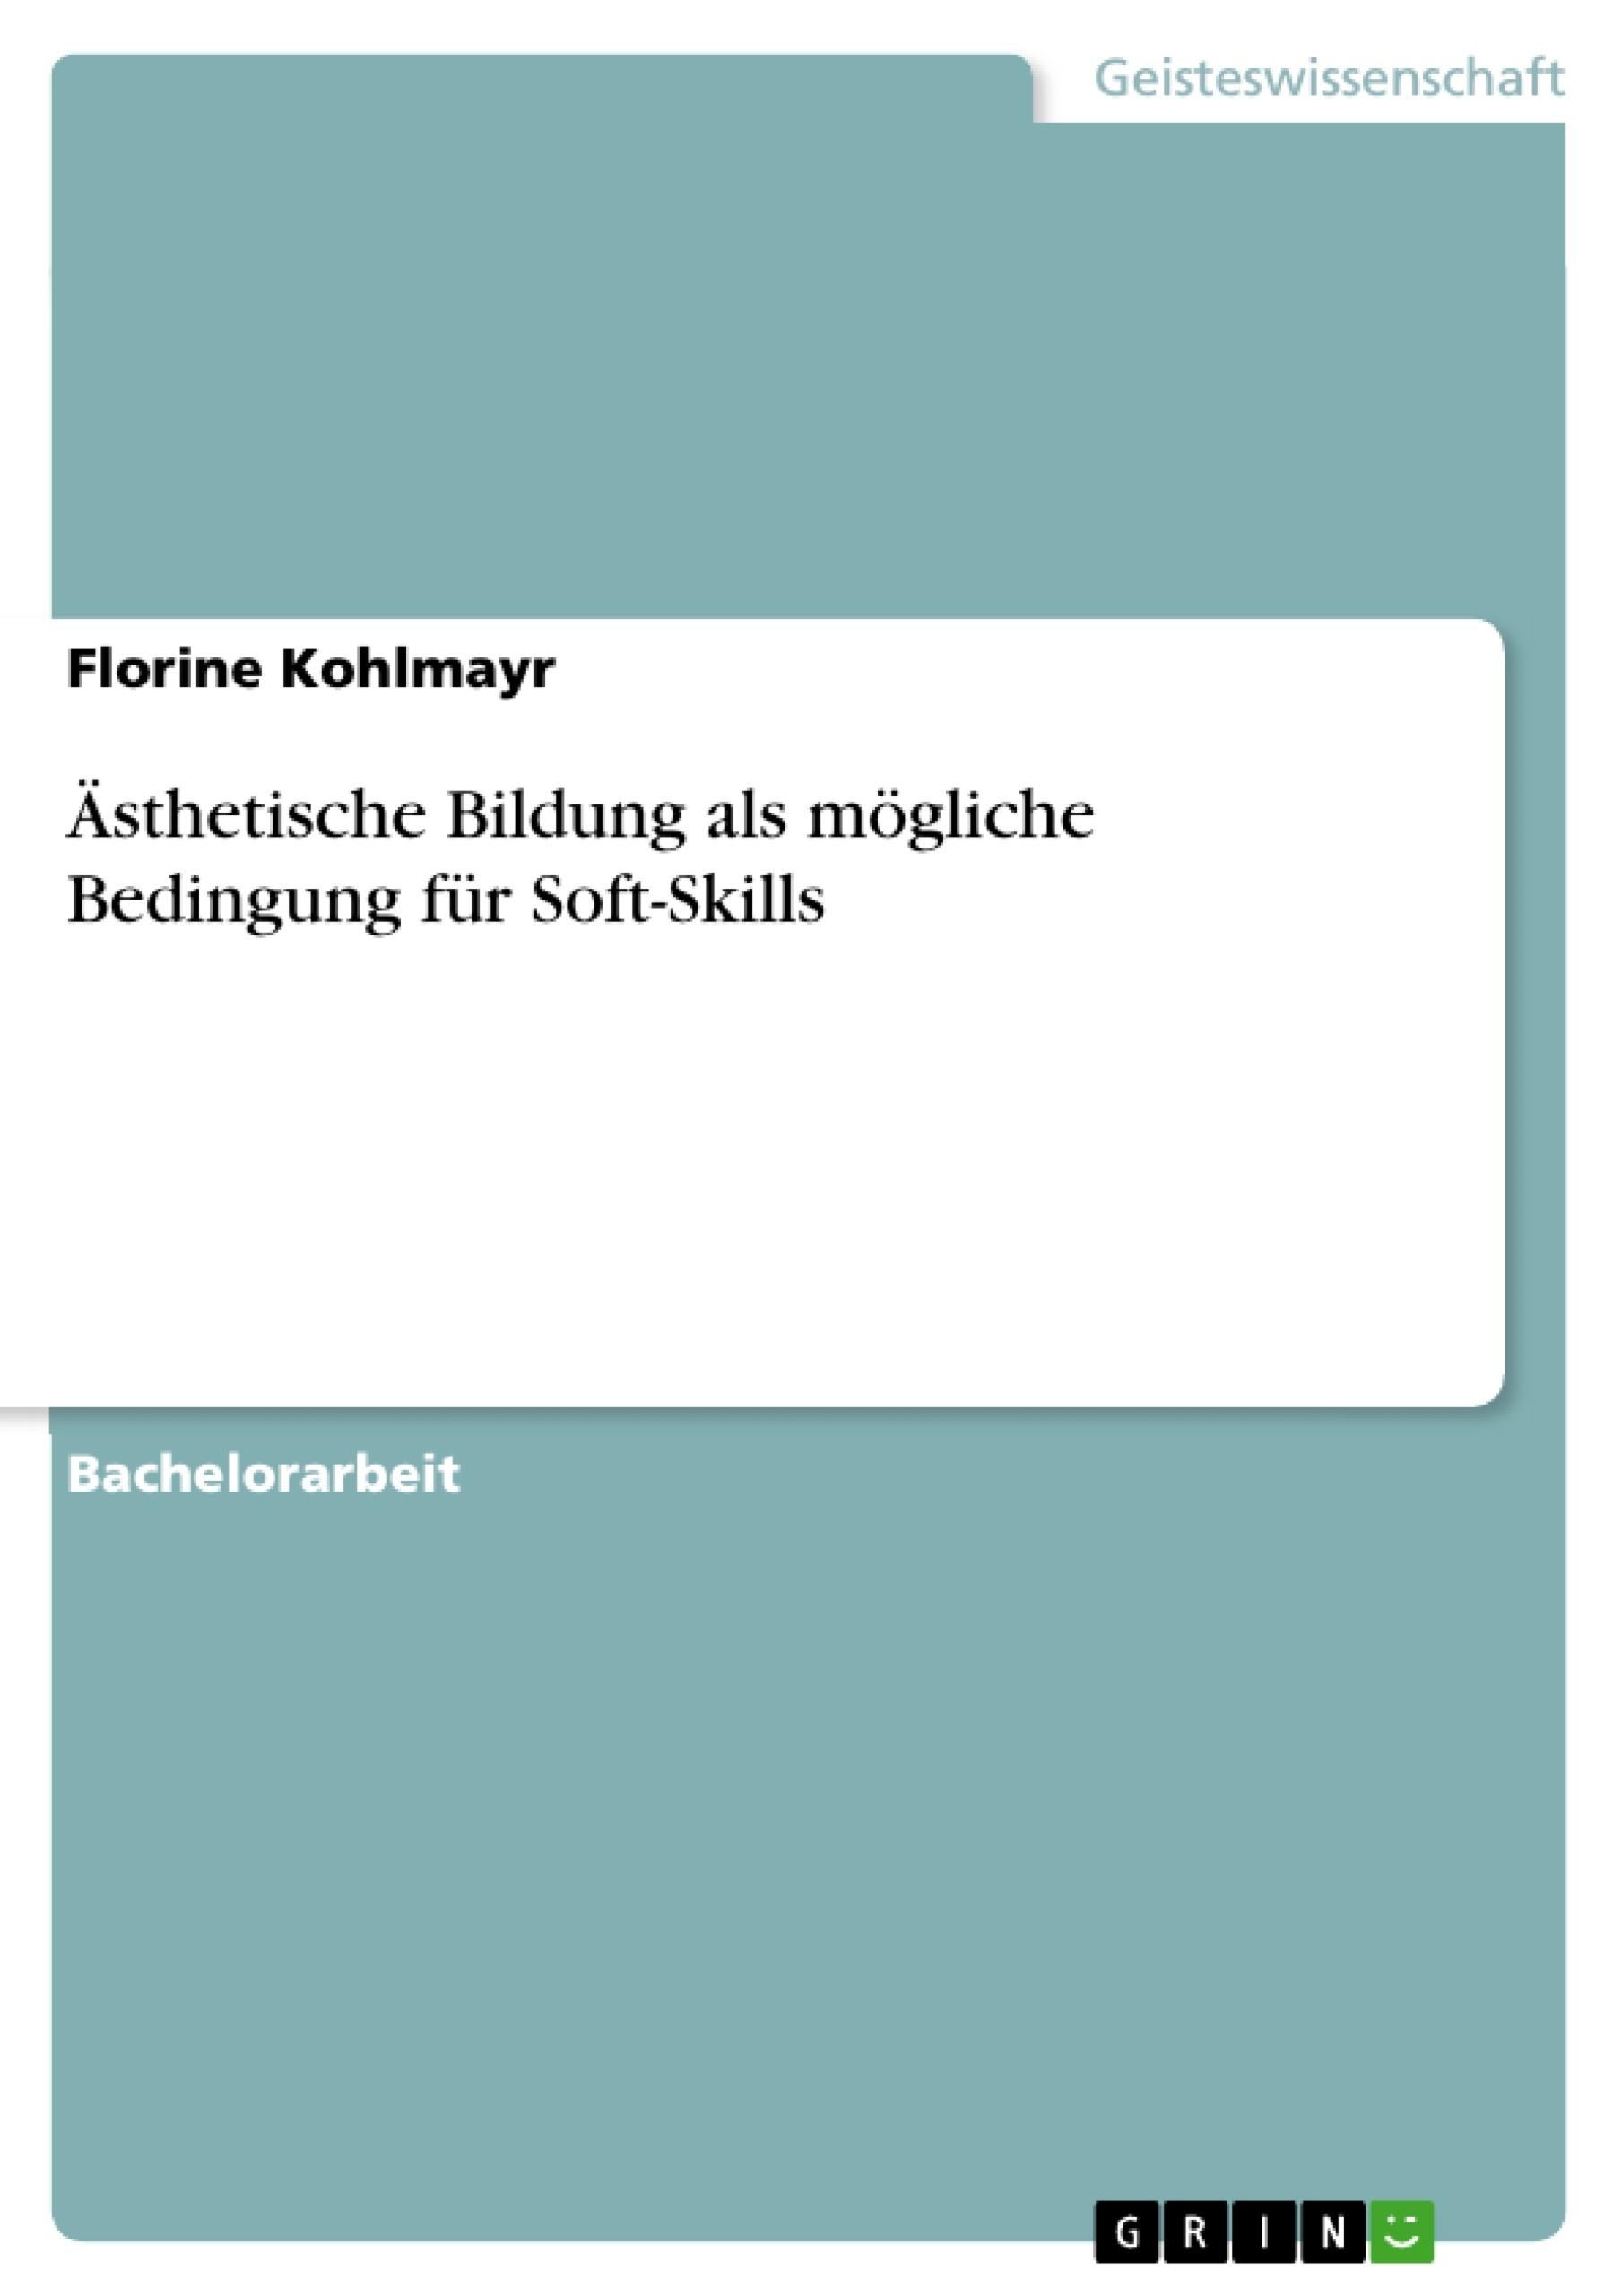 Titel: Ästhetische Bildung als mögliche Bedingung für Soft-Skills